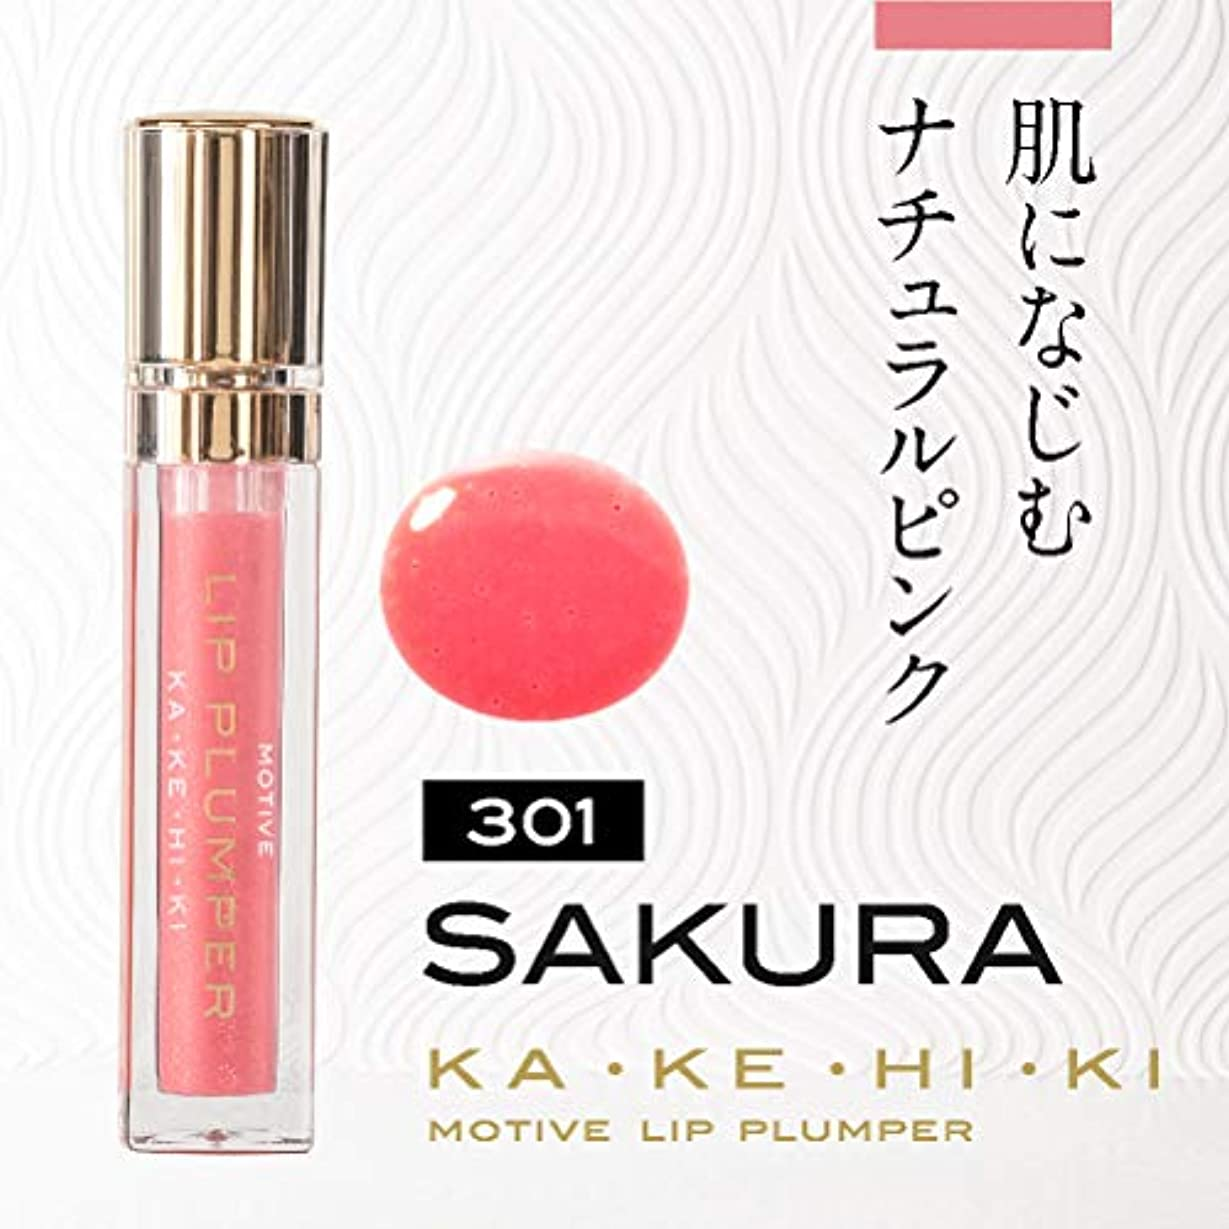 ヘルパー押す意味のあるリッププランパー KAKEHIKI (301 SAKURA ピンク)